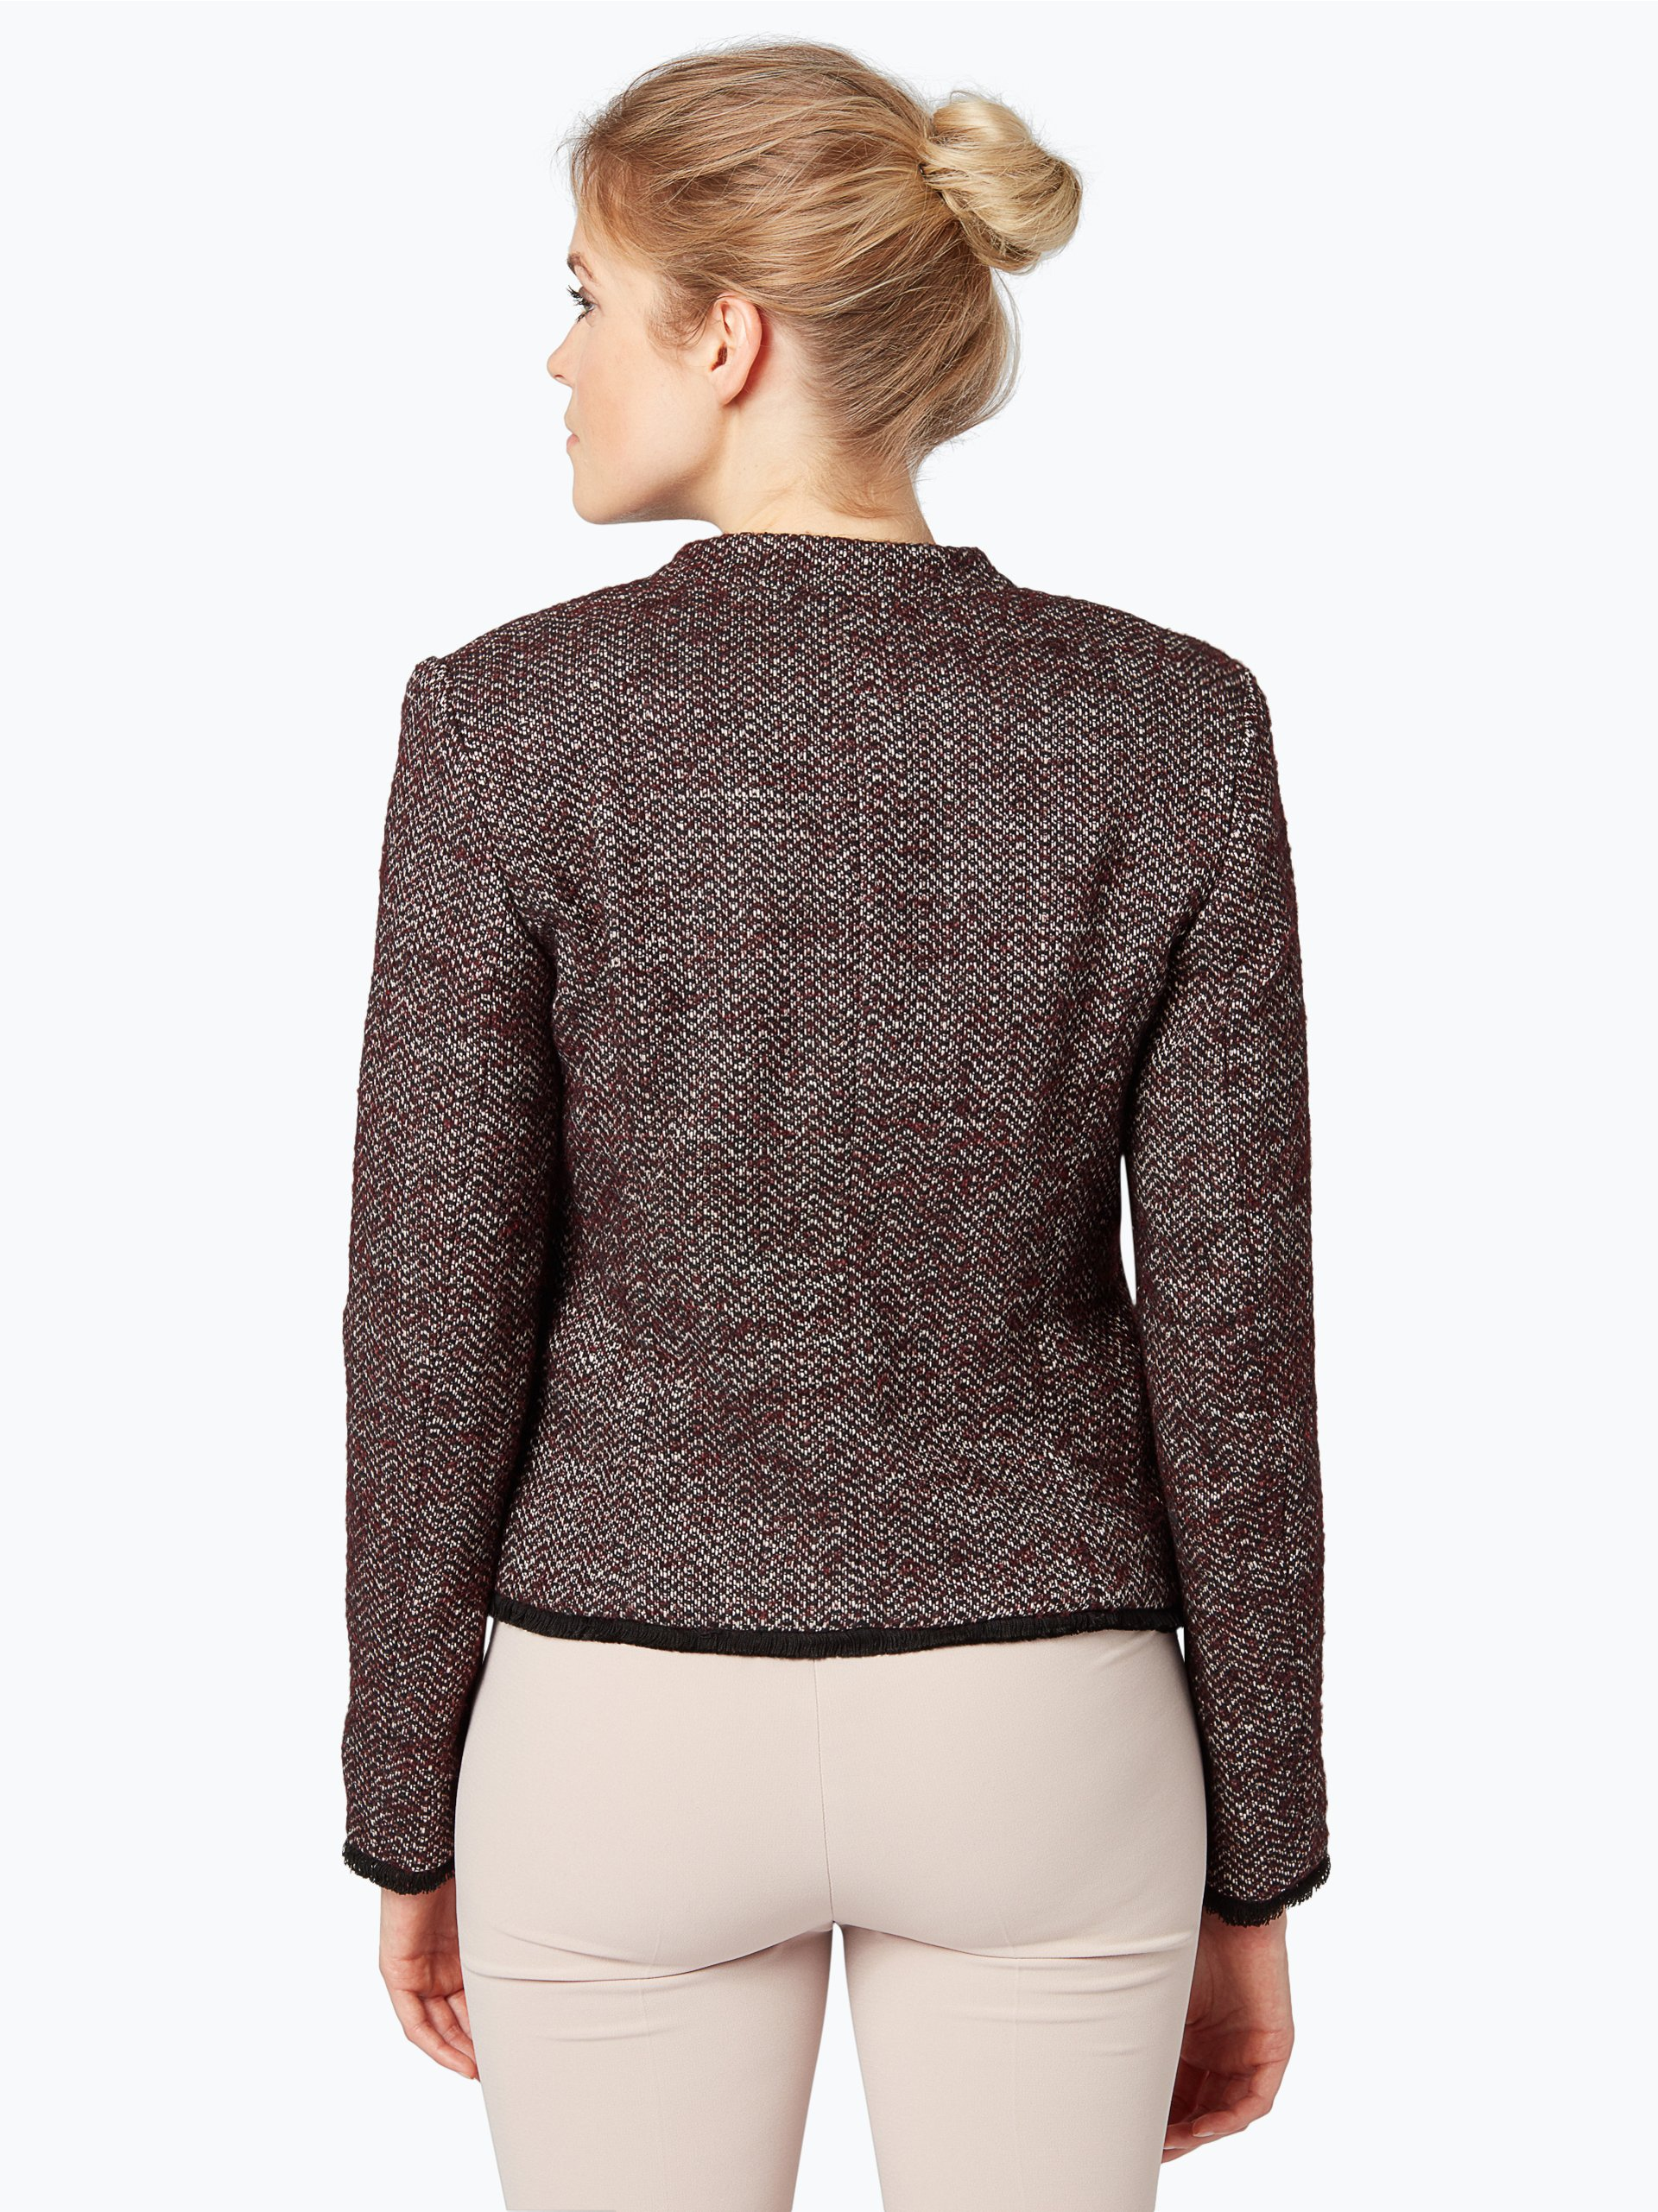 apriori damen blazer aus leinen mix bordeaux uni online. Black Bedroom Furniture Sets. Home Design Ideas